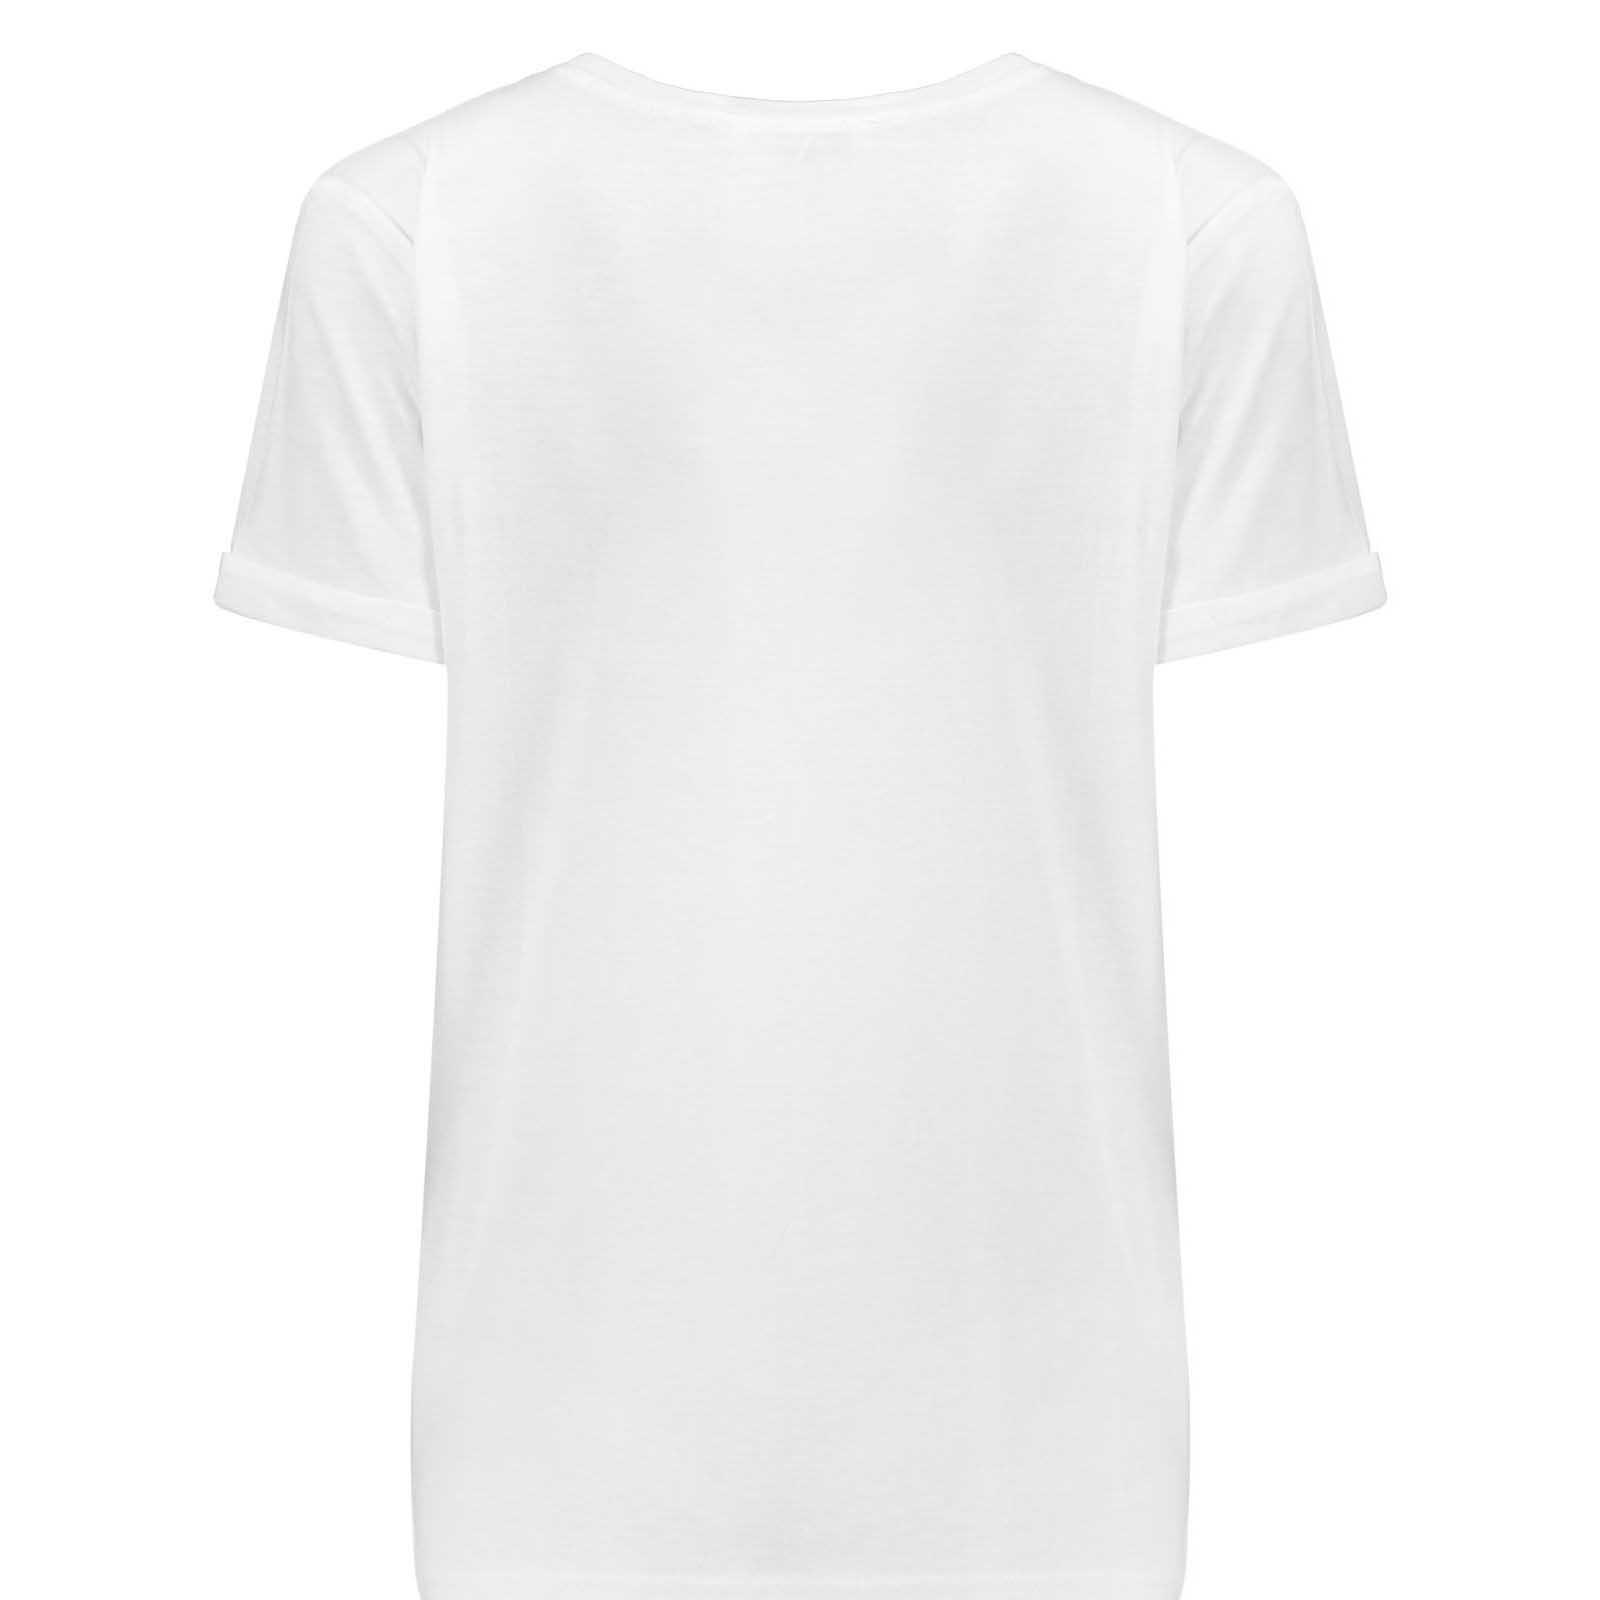 تیشرت آستین کوتاه مردانه مدل a35 رنگ سفید